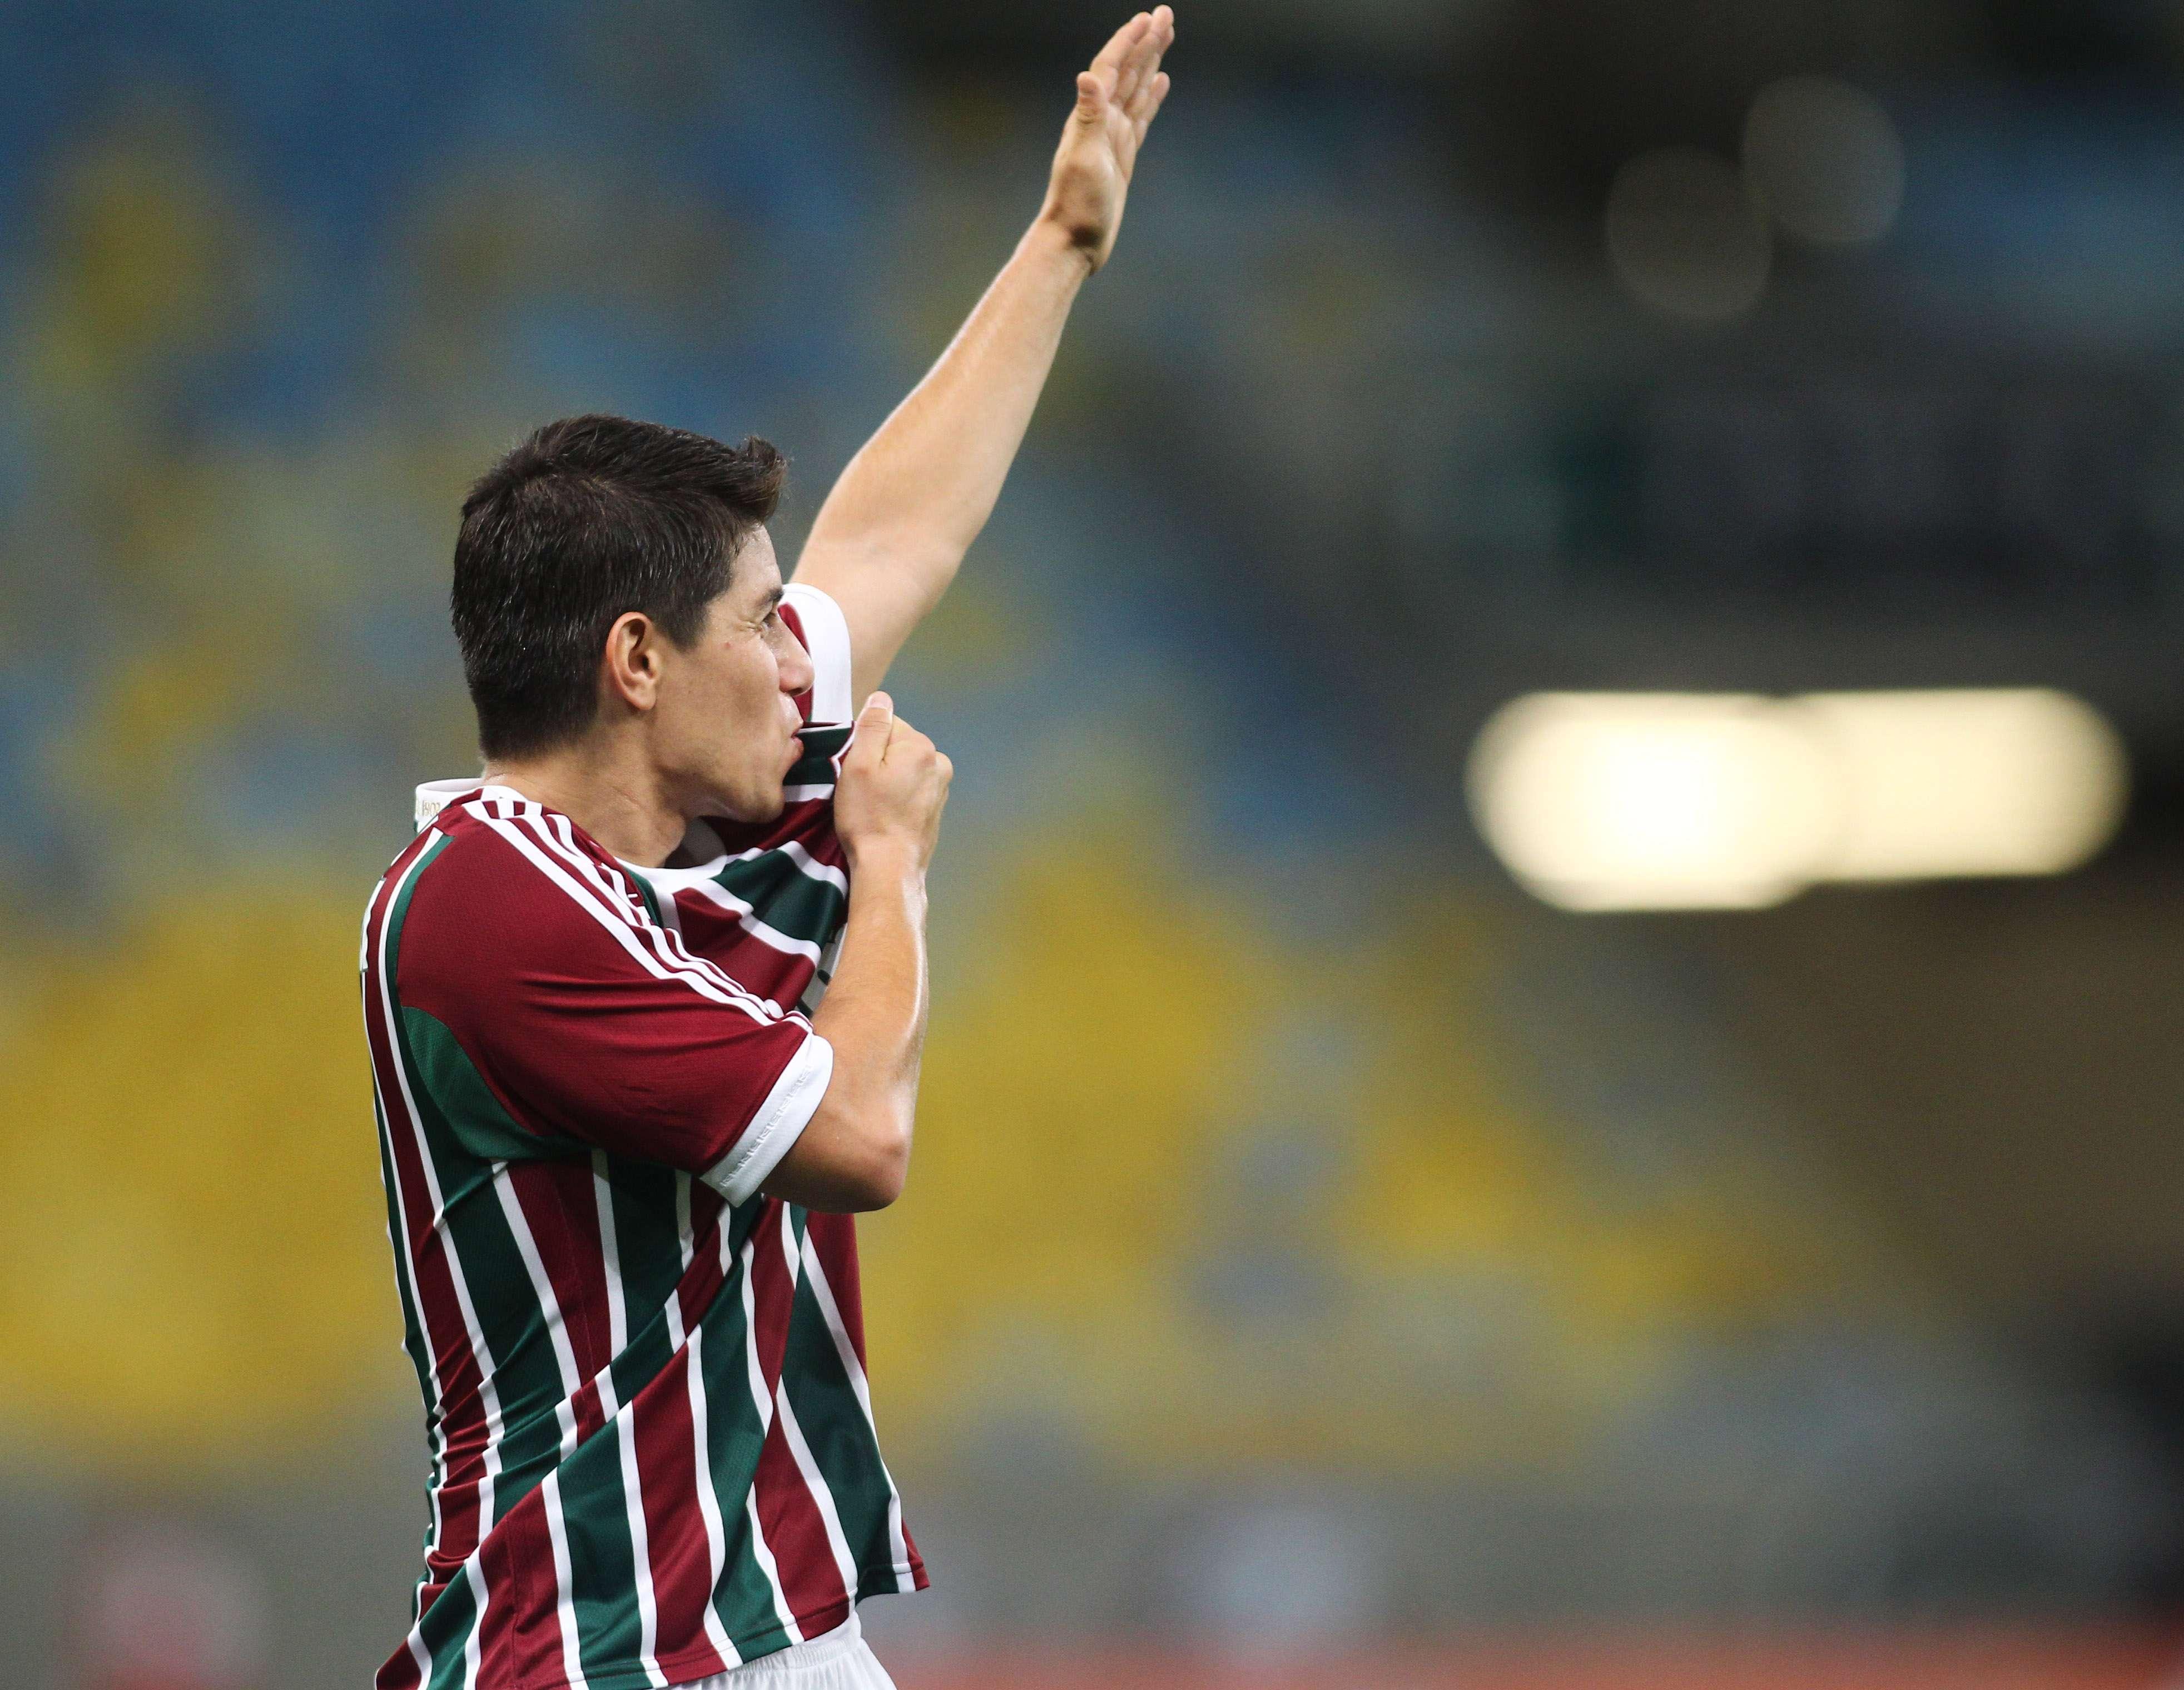 Foto: Matheus Andrade/ Photocamera/Divulgação